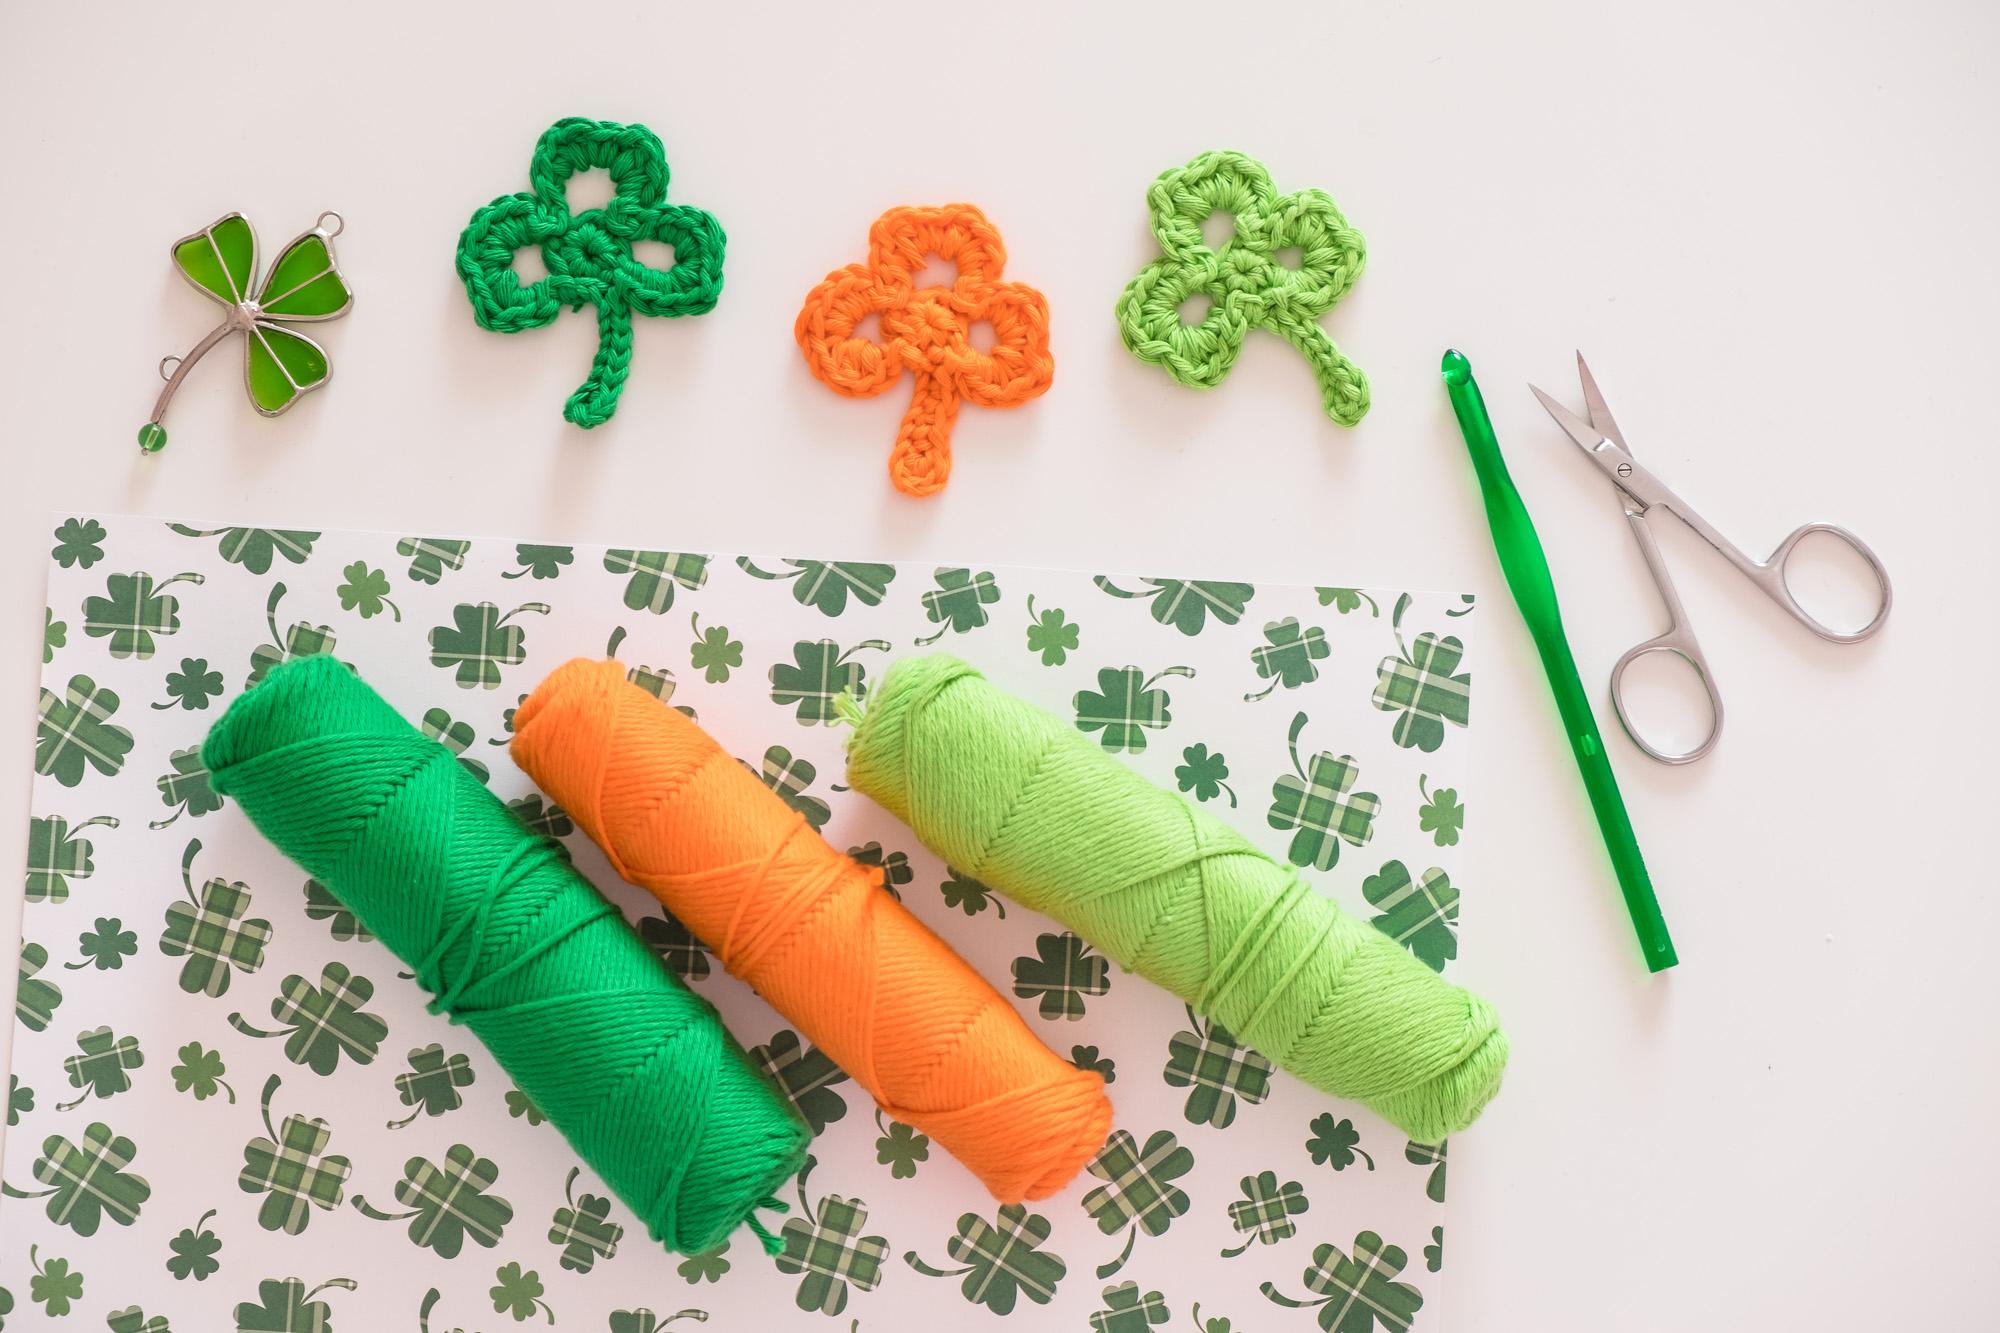 Tréboles de ganchillo. Apliques de crochet en forma de trébol para St. Patrick's Day.